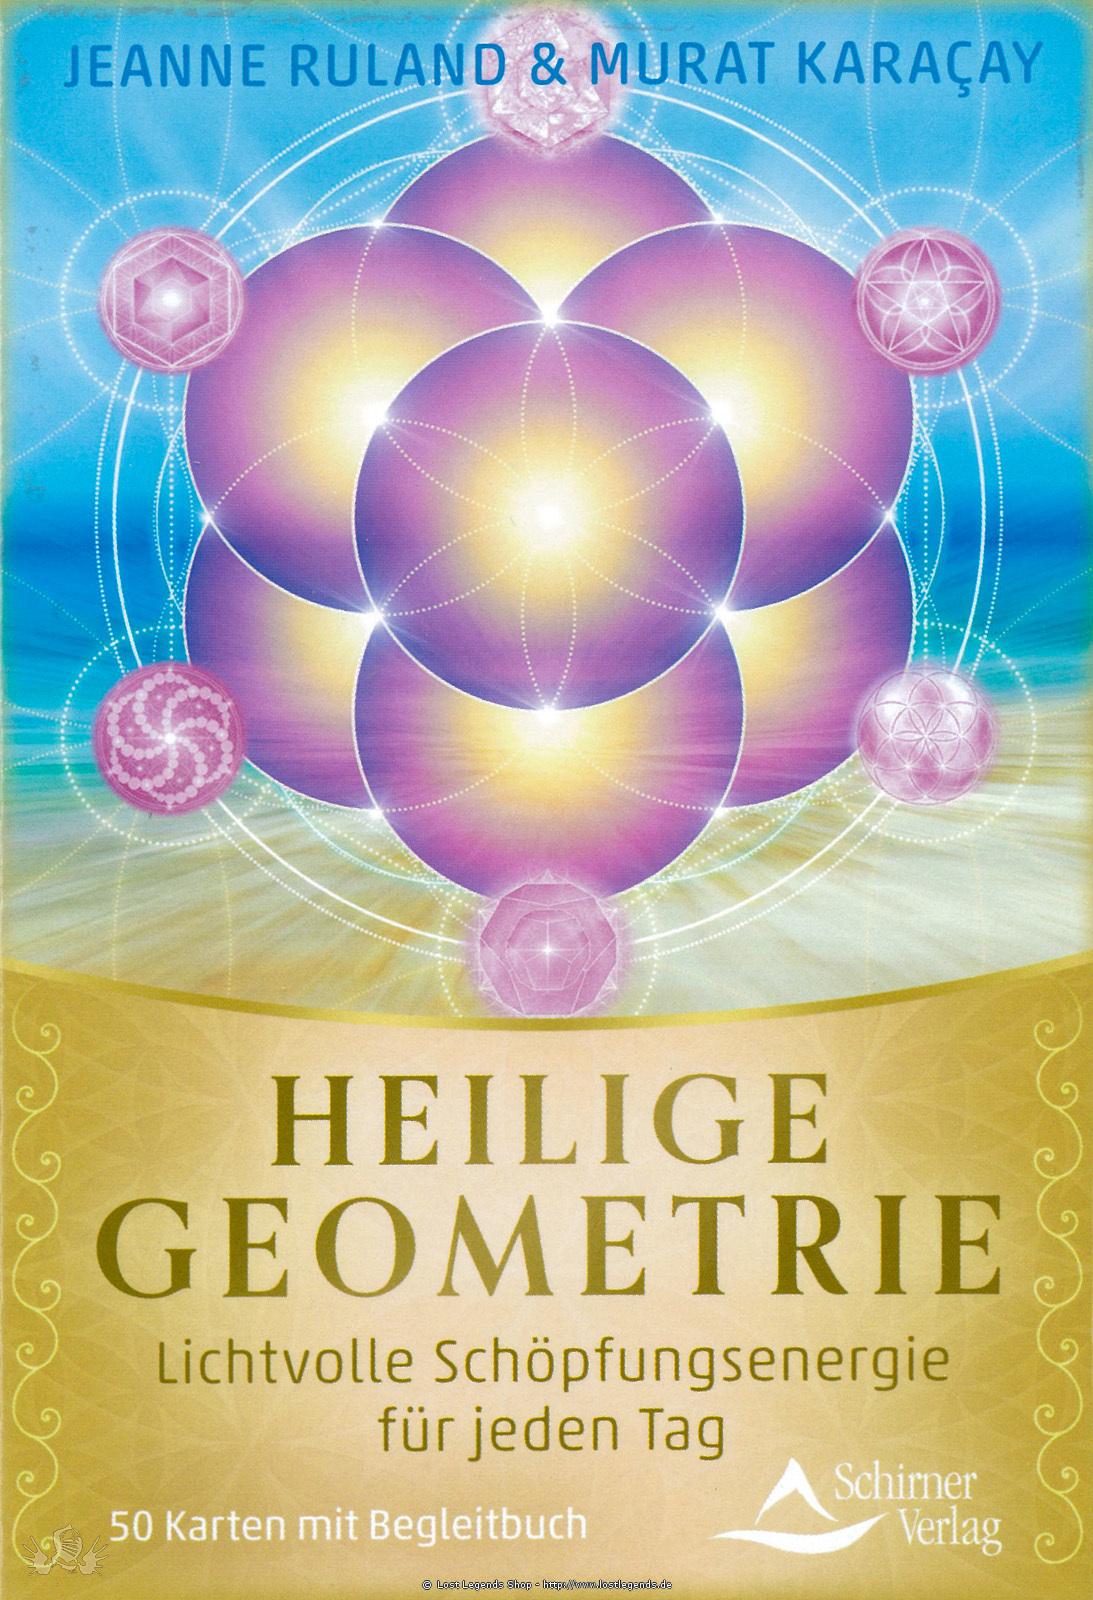 Heilige Geometrie - Orakelkarten Orakelkarten